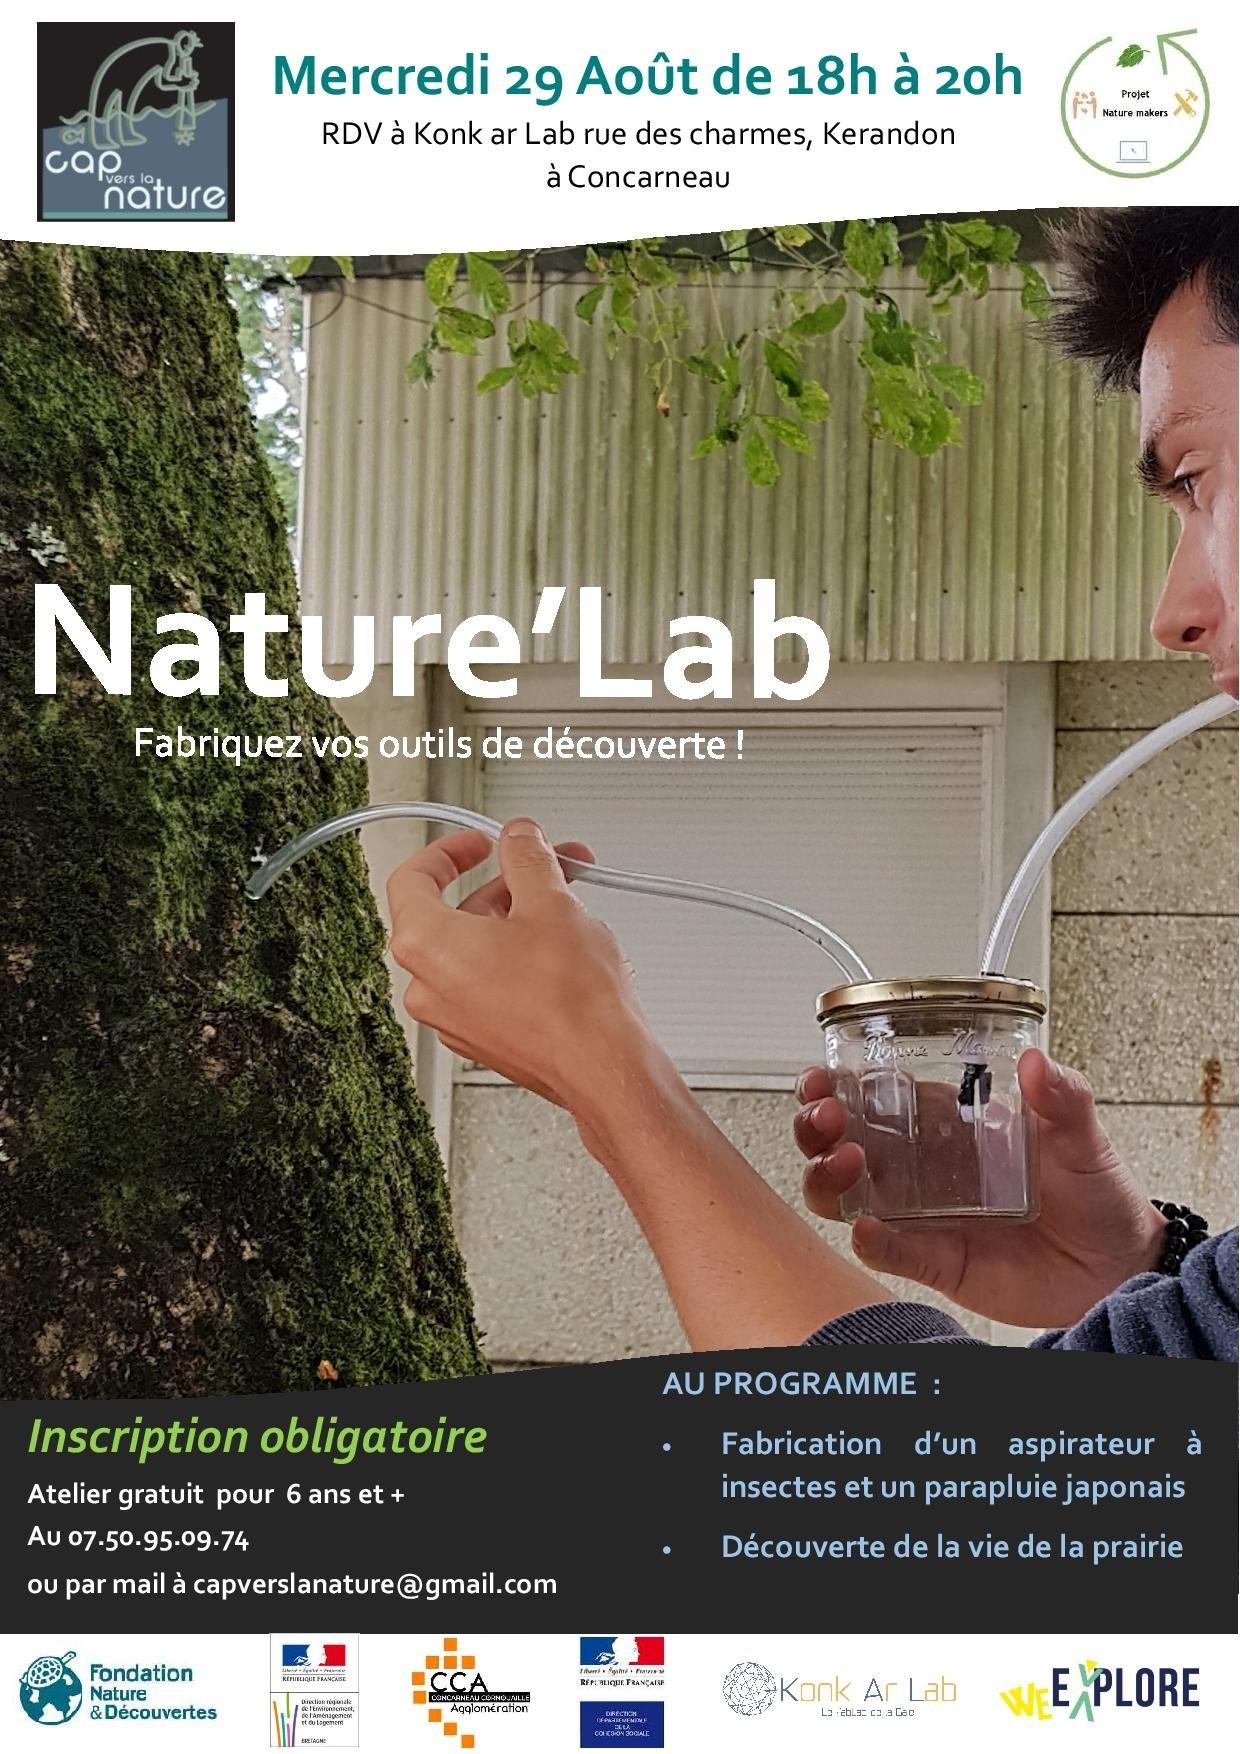 Nature'Lab, fabriquez votre aspirateur à insectes